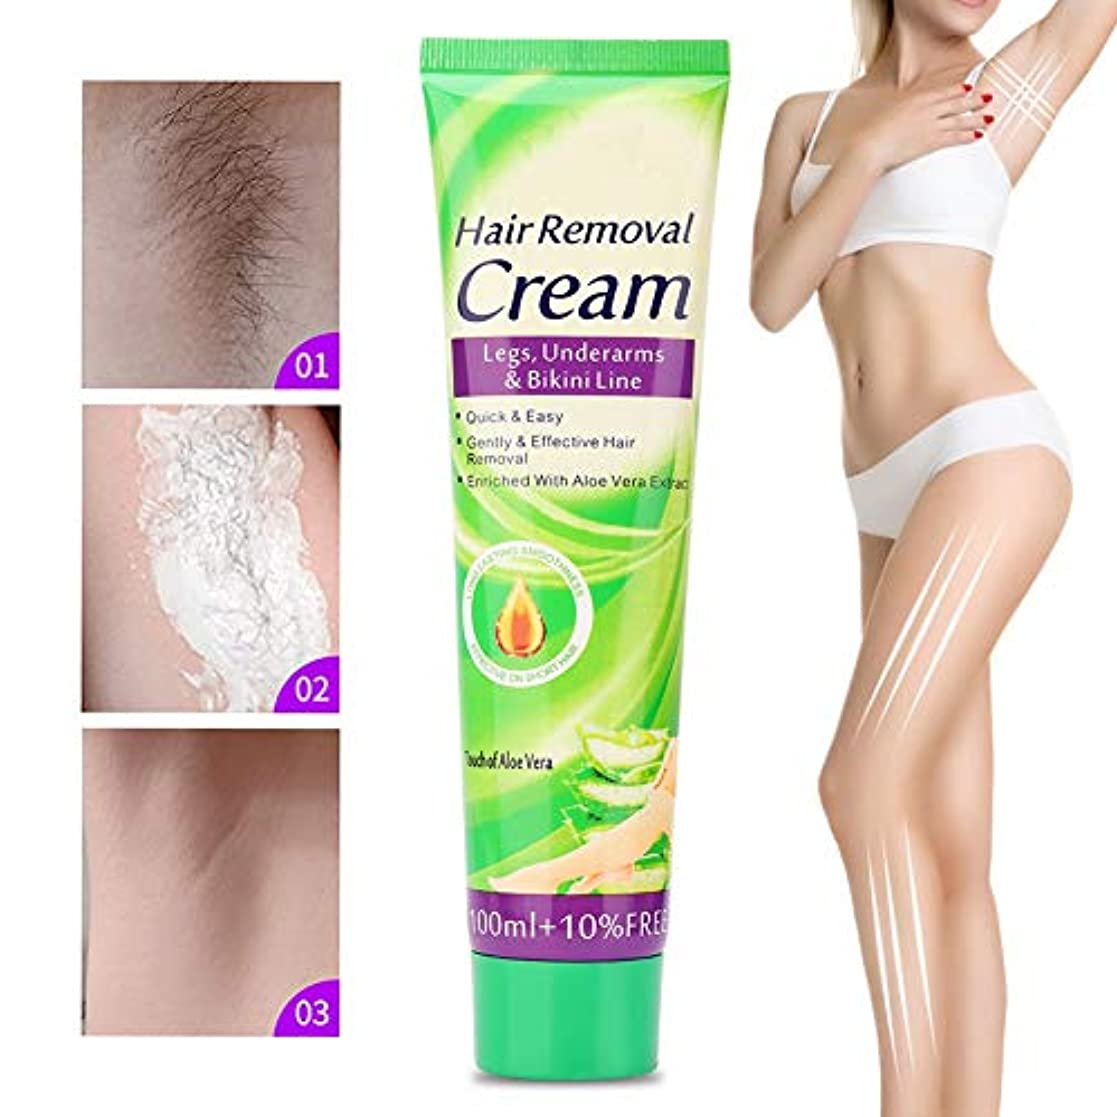 四さびた影110ml脱毛クリーム、痛みのない安全でプレミアムソフトな脱毛クリーム男性と女性が脚の腕の下で使用するのに便利